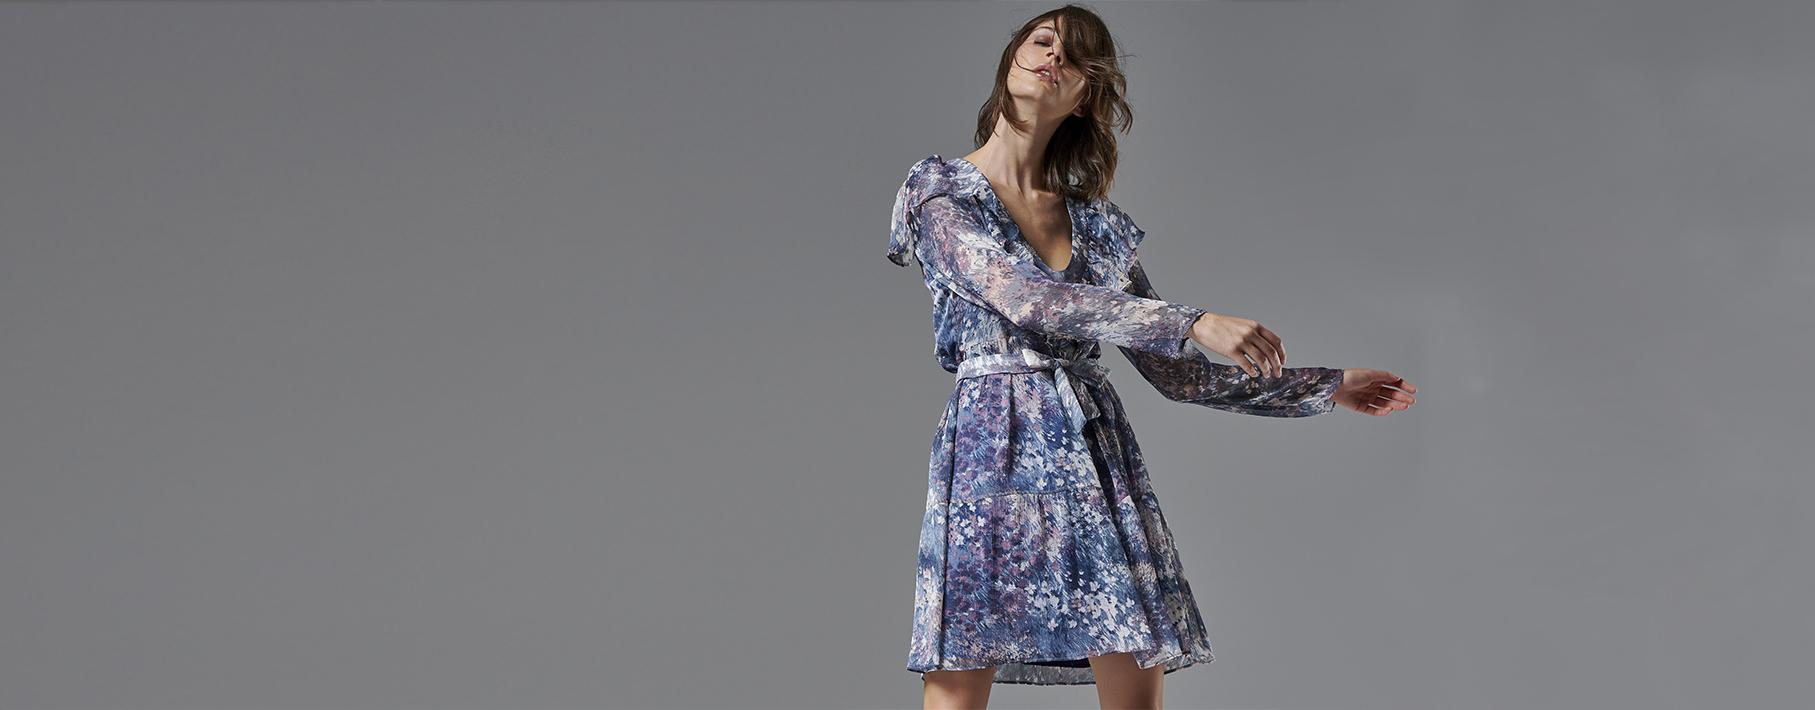 b65eb20f61ac Γυναικεία ρούχα - aralie.gr